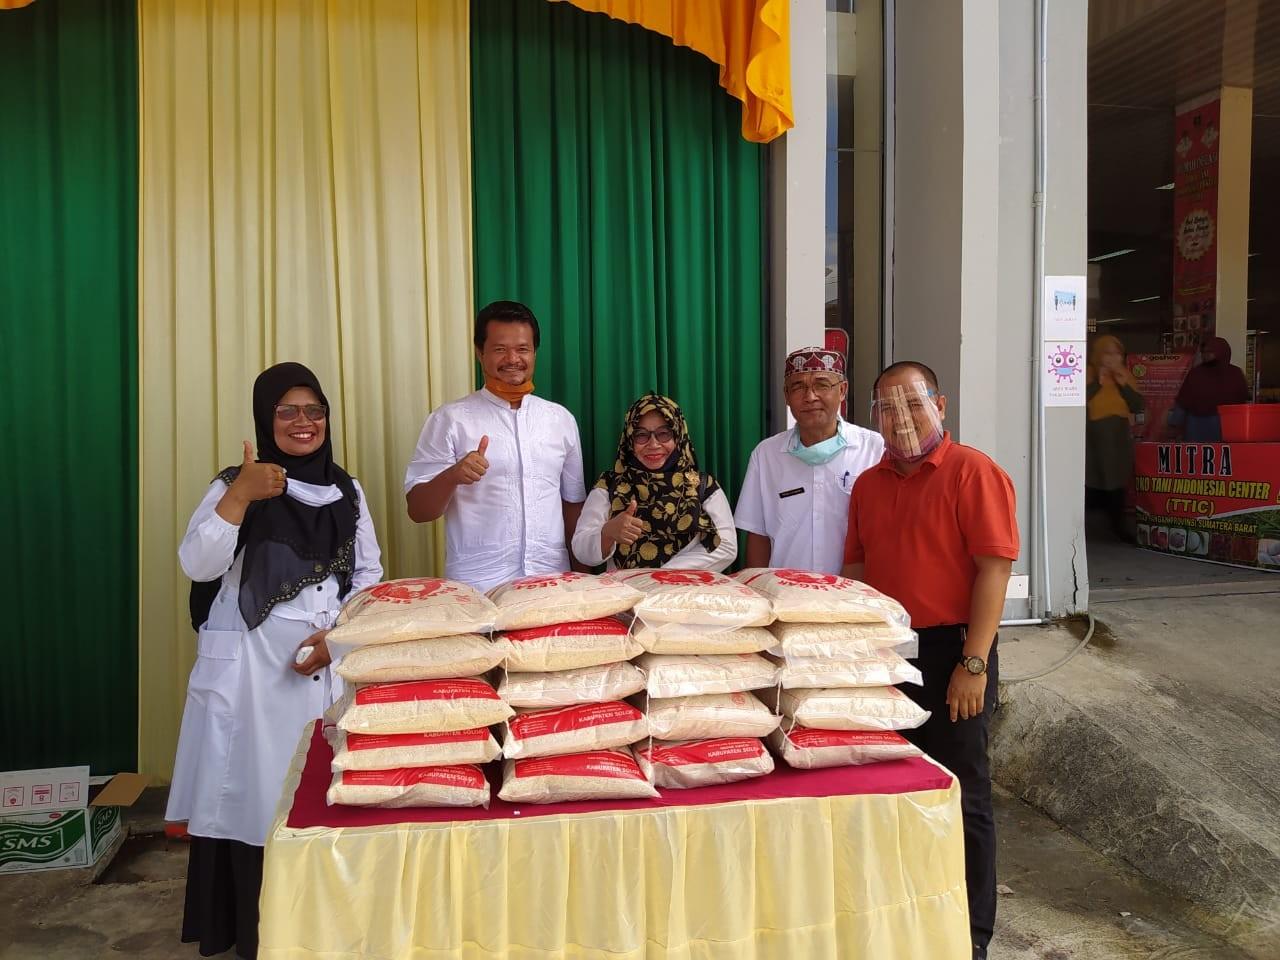 Kegiatan Bazar di Dinas Pangan Provinsi Sumatera Barat UPTD TTI Center